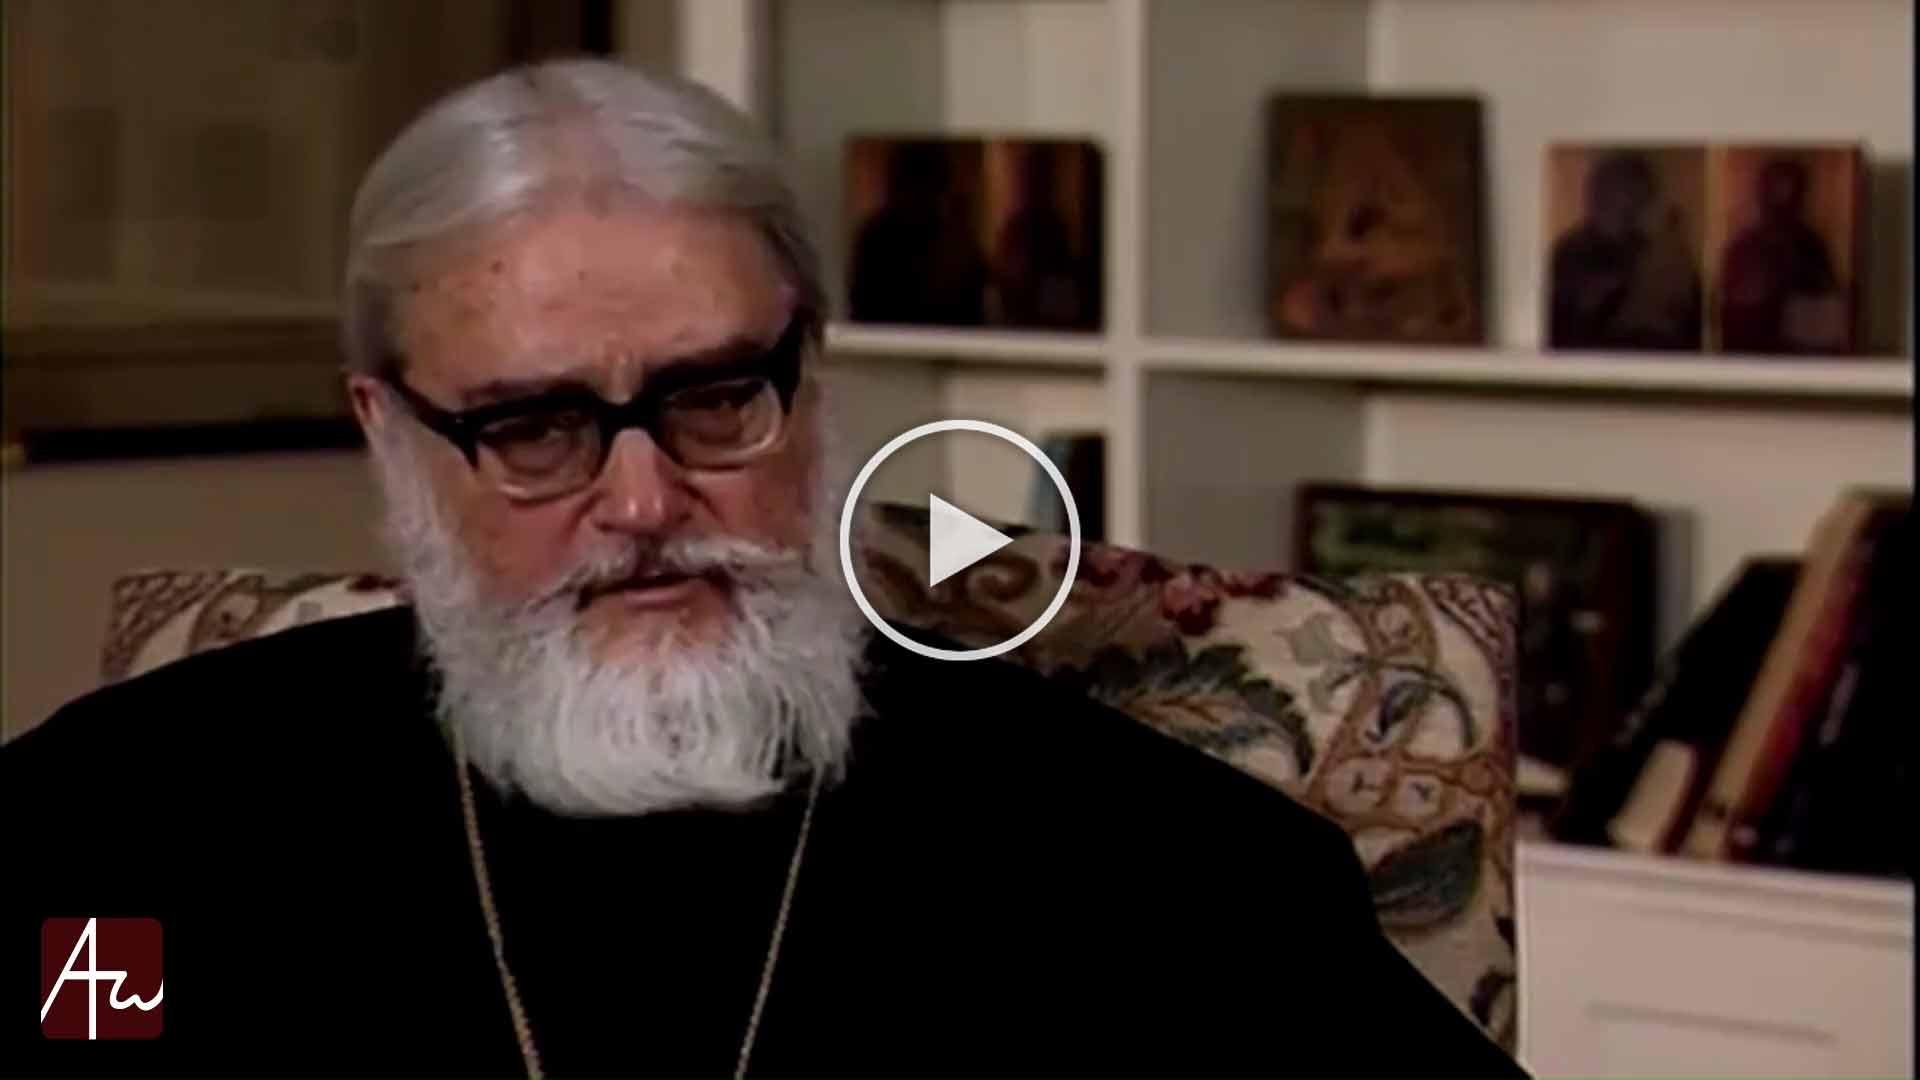 Το Ταξίδι μου στην ορθοδοξία Μέρος Β' - Ορθόδοξη Μαρτυρία στη Δύση - Θεολογία - Απαρχή